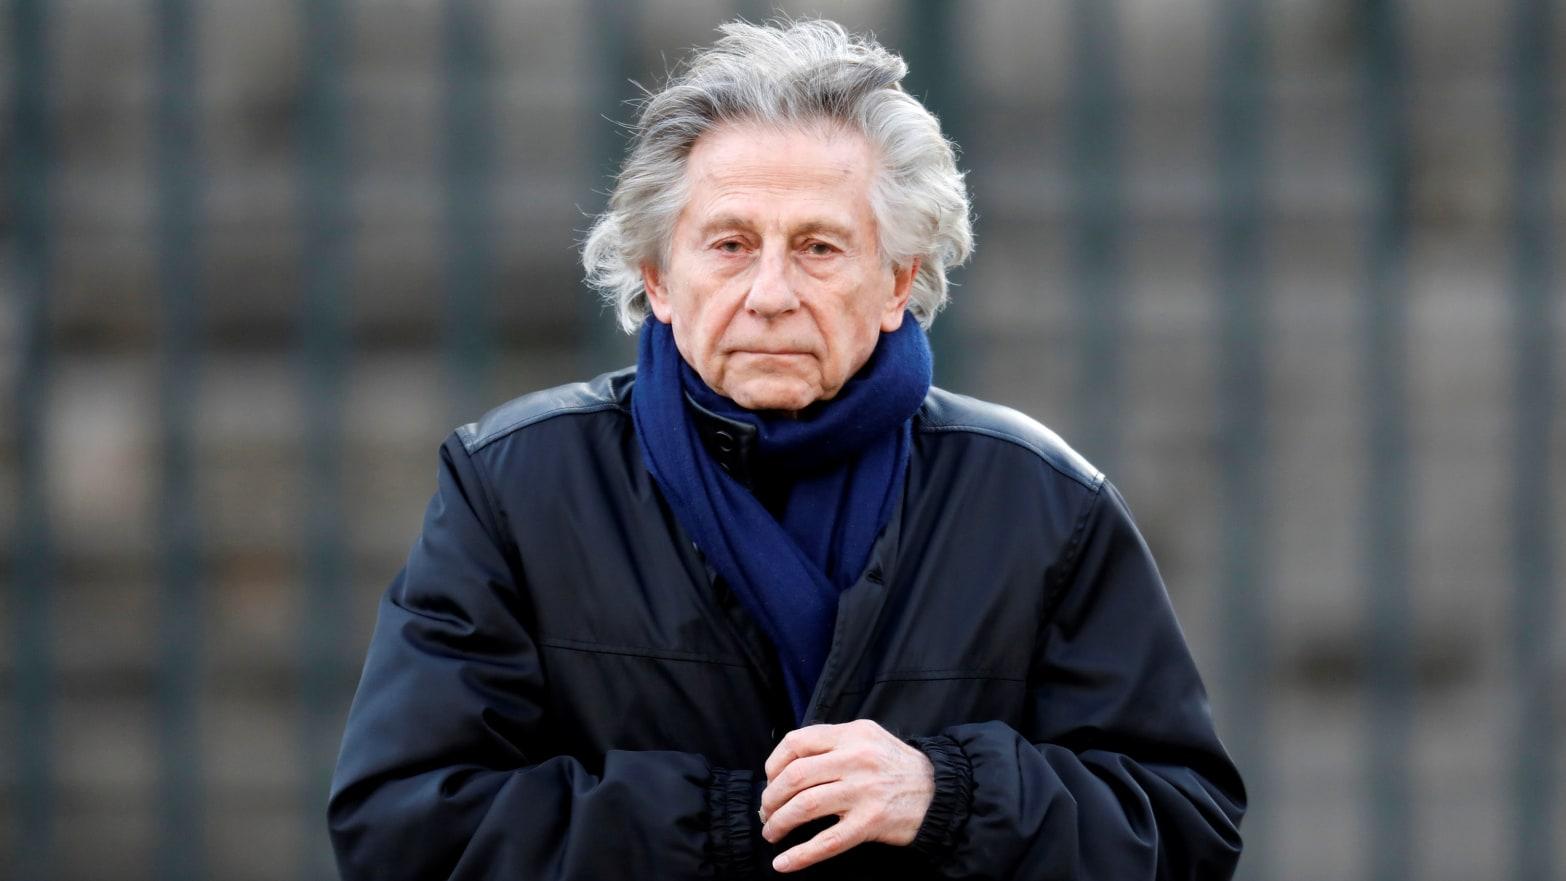 Đạo diễn Roman Polanski được biết đến với nhiều bộ phim xuất sắc nhưng vết nhơ trong quá khứ của ông luôn được nhắc cùng với tài năng kiệt xuất.